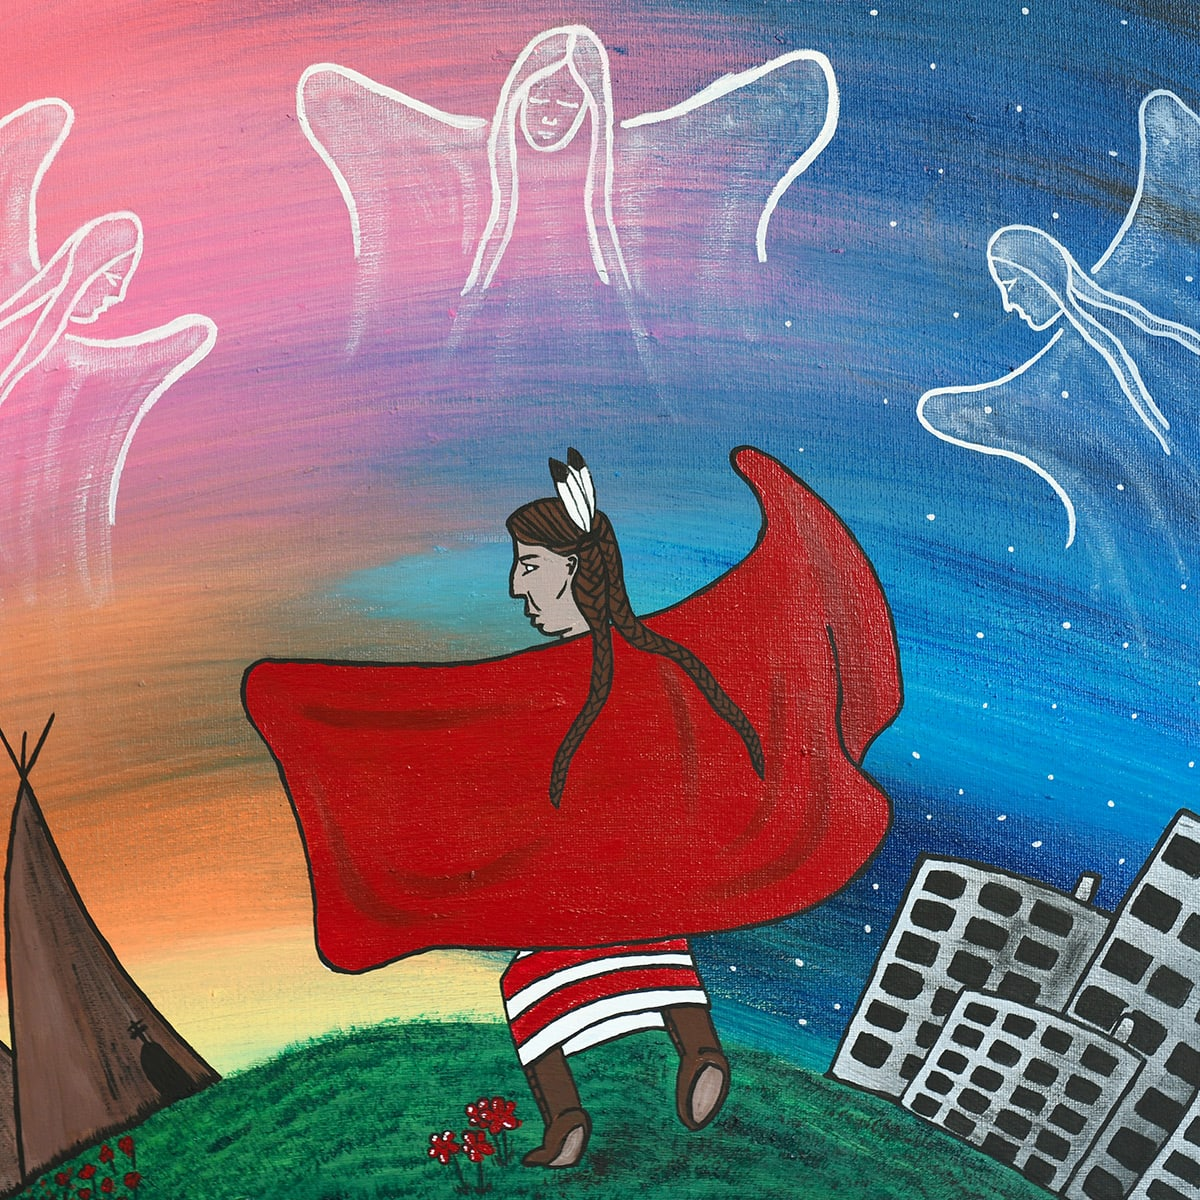 Art by Kayla M Lewis